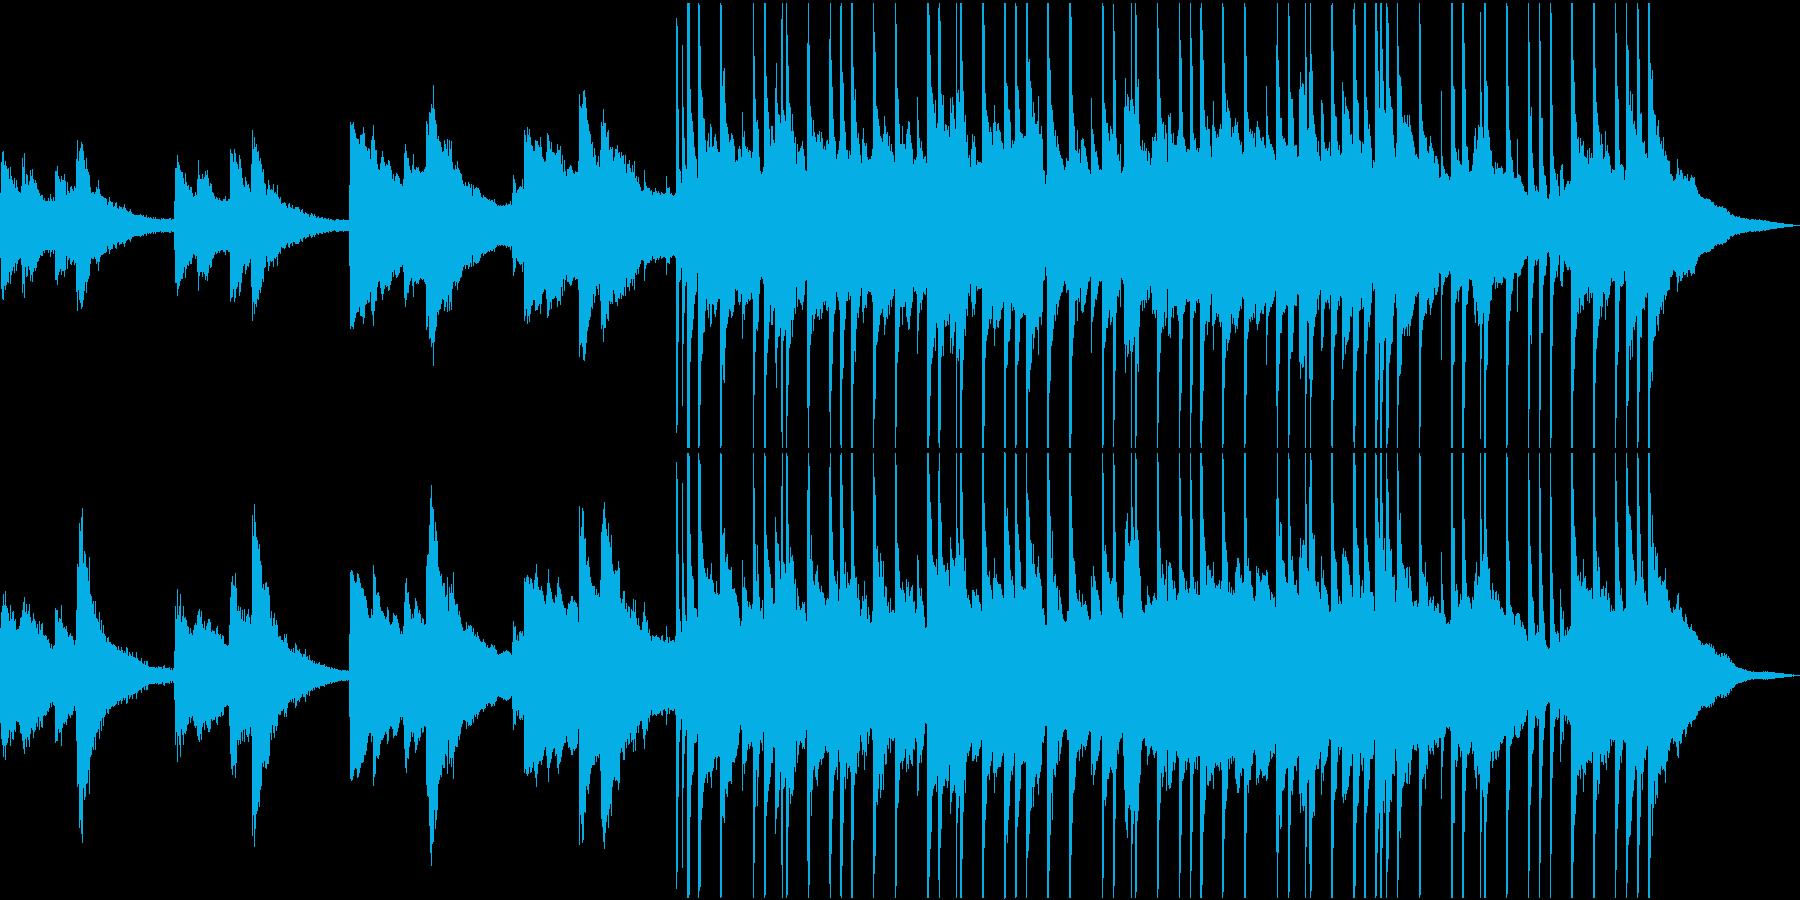 退廃的なイメージのロックポップスの再生済みの波形